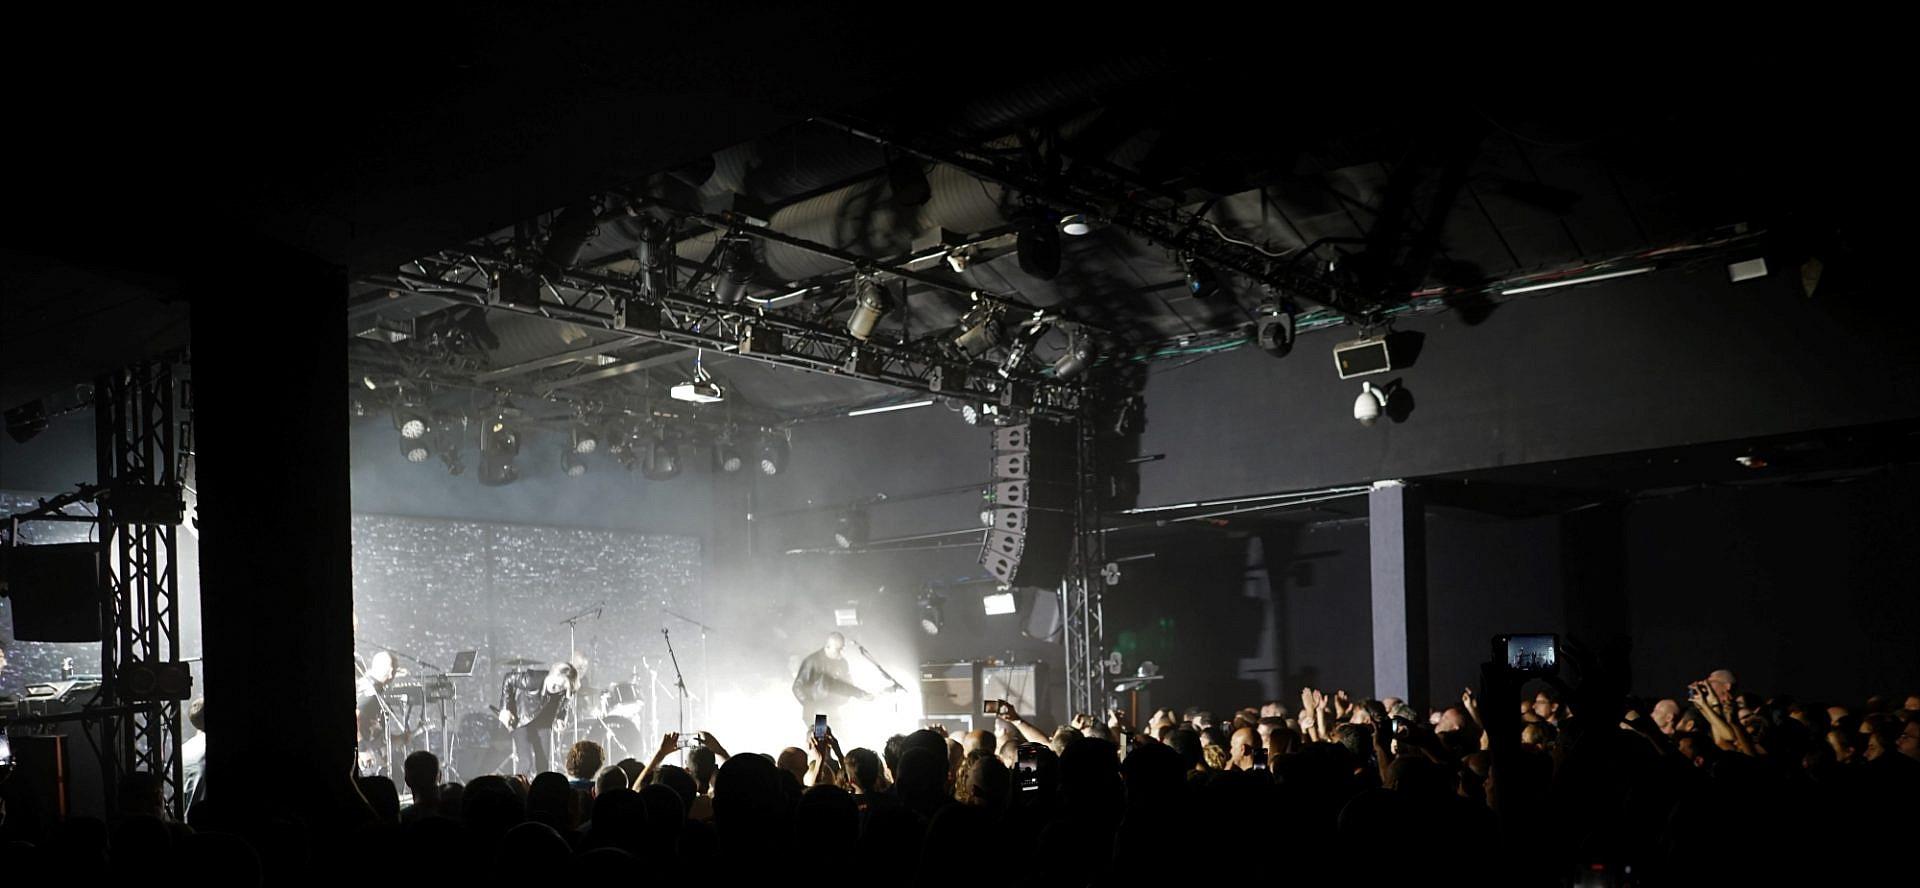 משינה בהופעה. B-Side, חלל ההופעות האלטרנטיבי החדש של זאפה (צילום: עוזי שעיה)